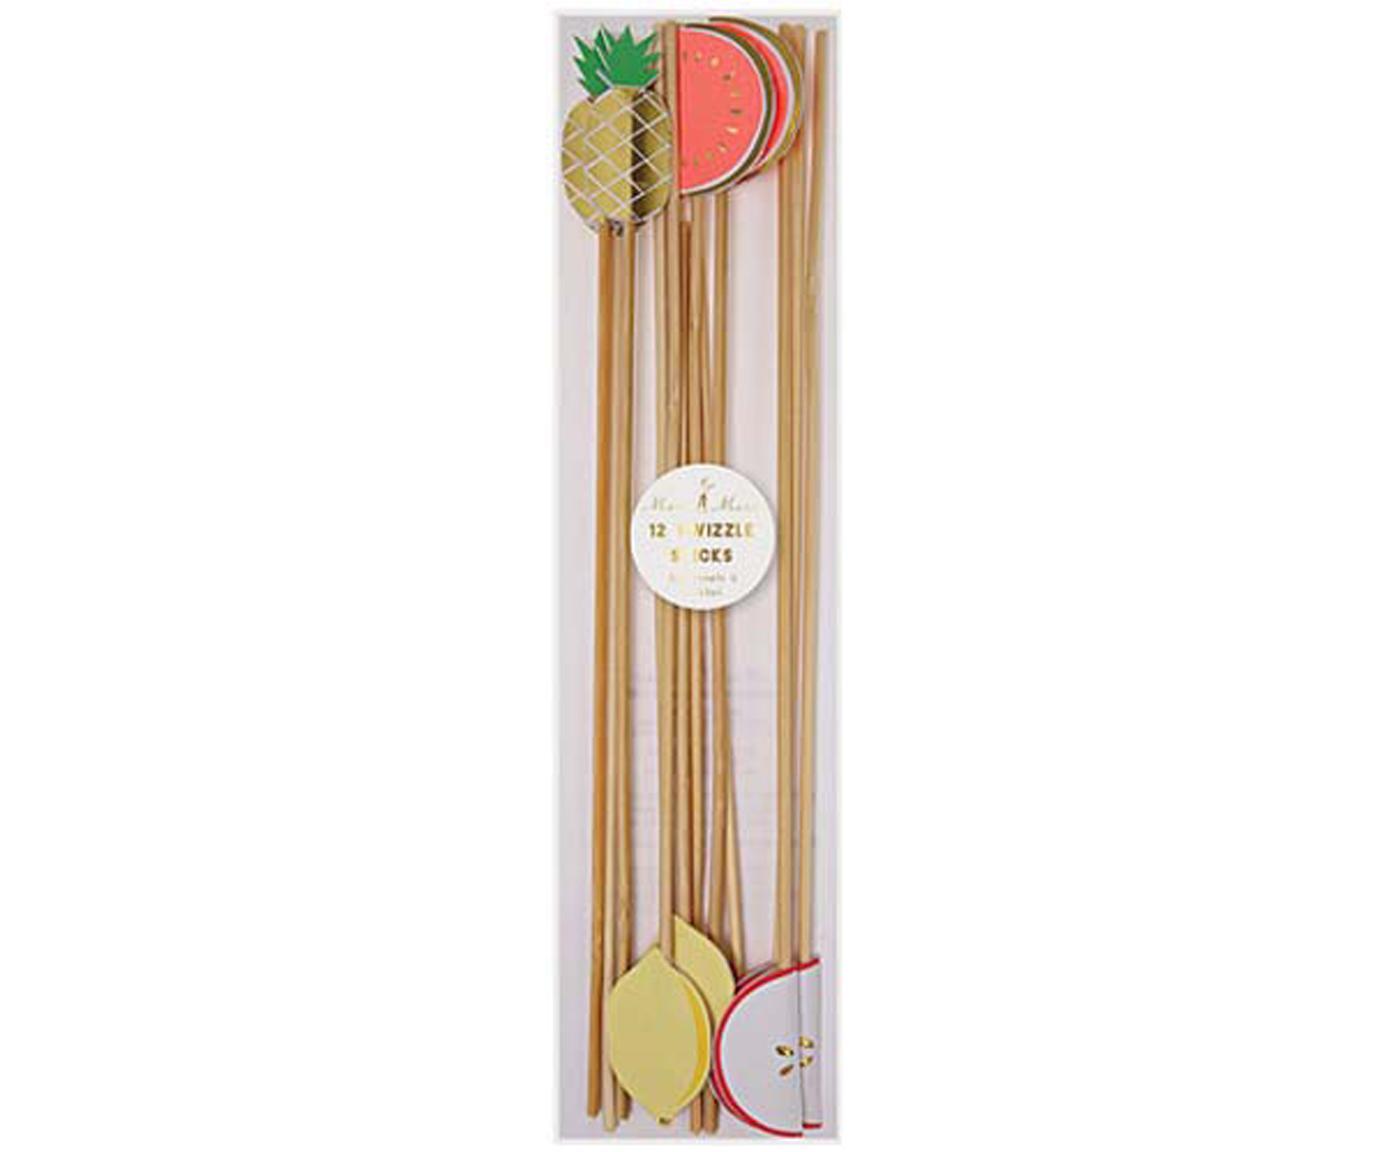 Komplet mieszadełek do koktajli Fruit Party, 12 elem., Papier, drewno naturalne, Wielobarwny, D 25 x S 2 cm